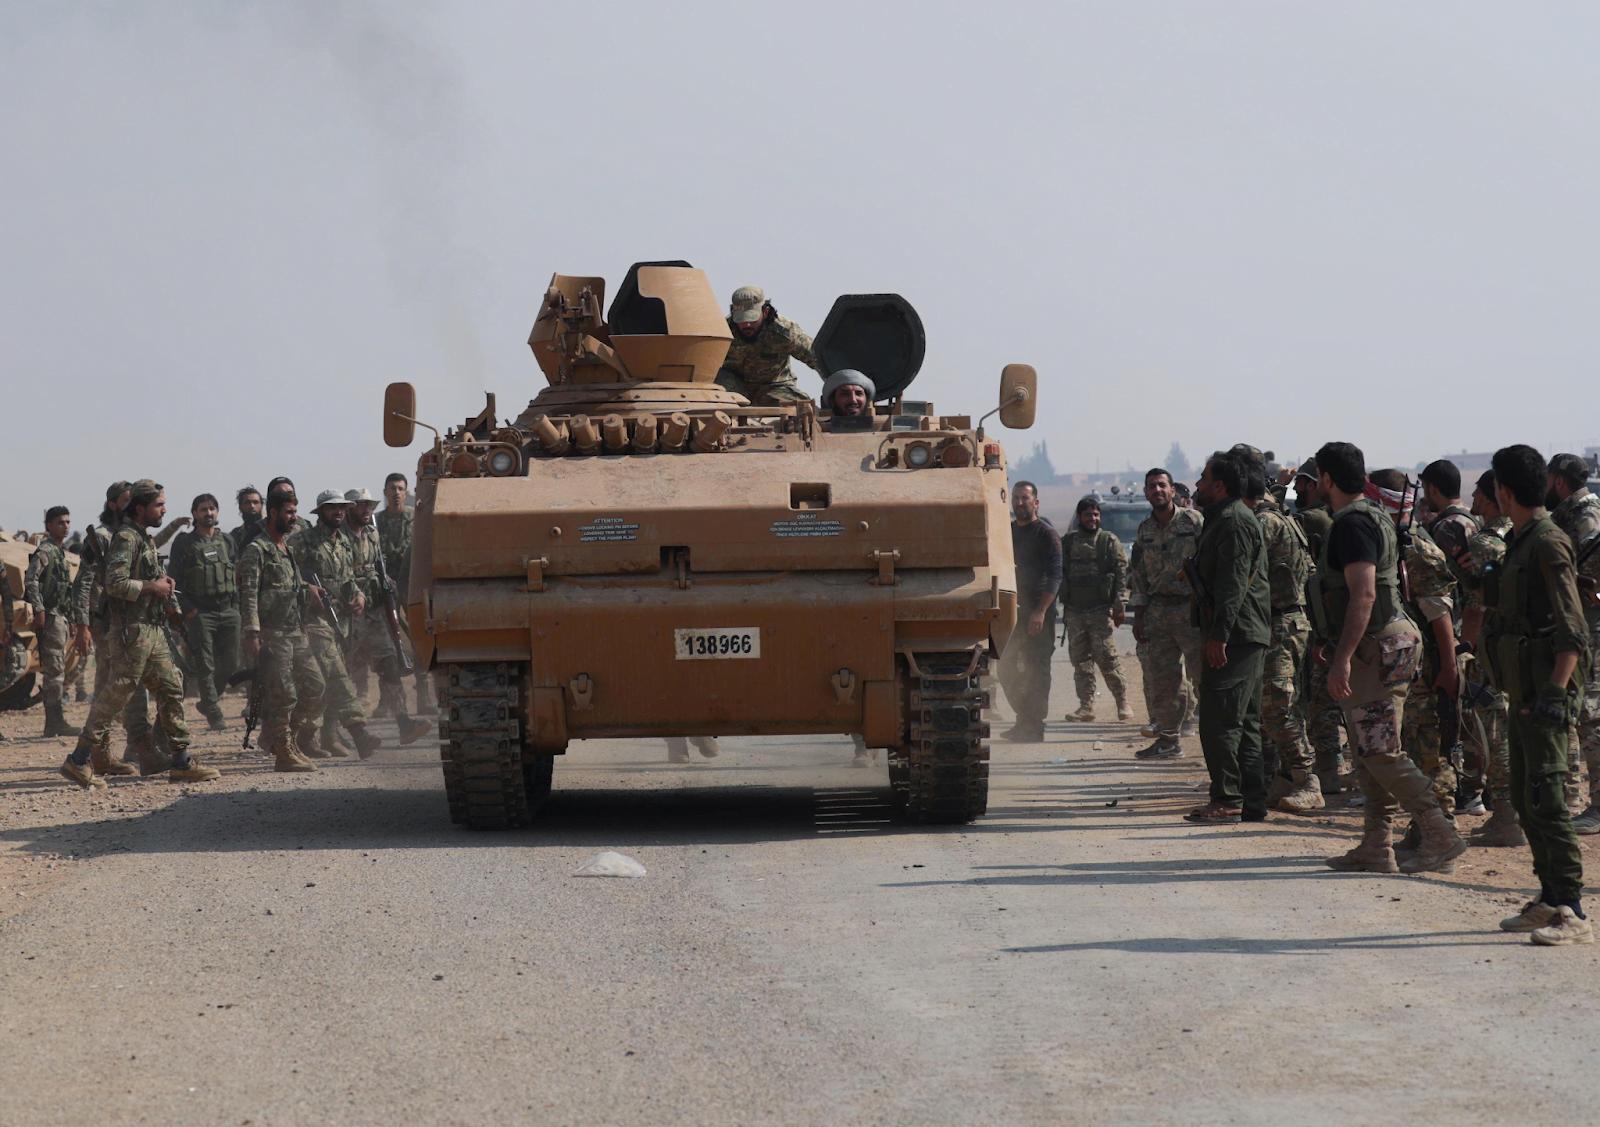 Τεθωρακισμένο της 1ης Στρατιάς, από την Αν. Θράκη, στην εισβολή στη Συρία